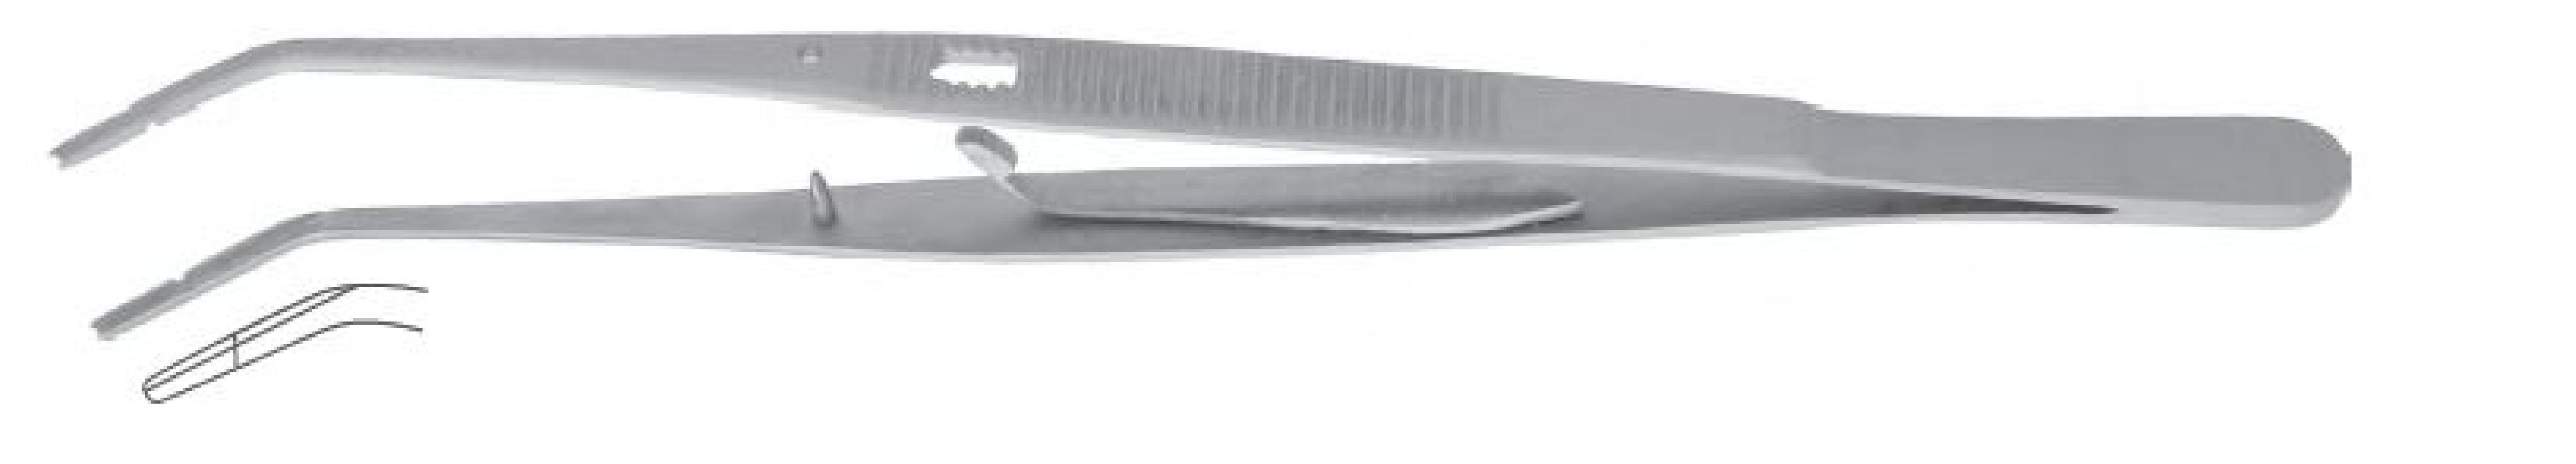 An image of Tweezer